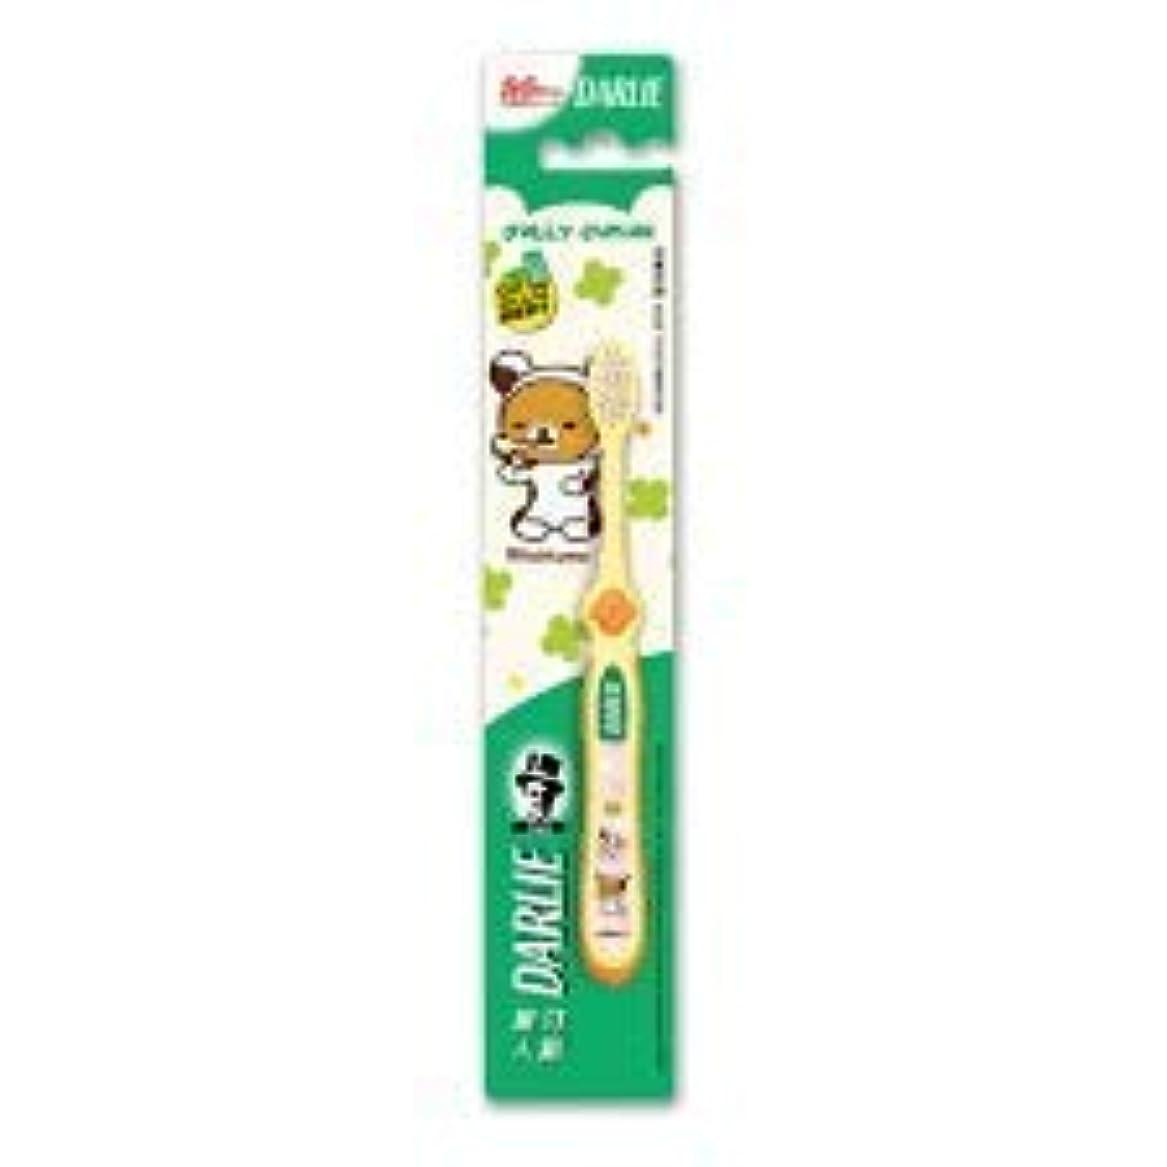 サービス表面的な抜粋DARLIE メリージュニア2-6歳歯ブラシ - ジェントル歯茎と歯のエナメル質は良好な洗浄を持っています